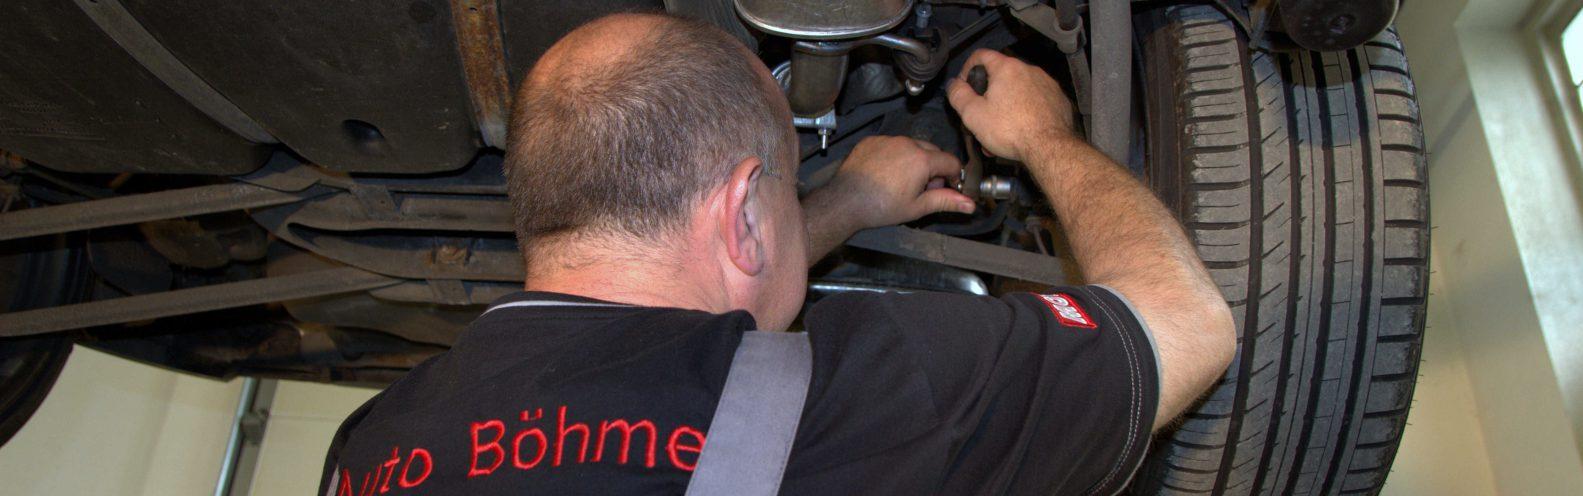 Der Auto Böhme Reifenservice ist schnell, kompetent und preiswert.